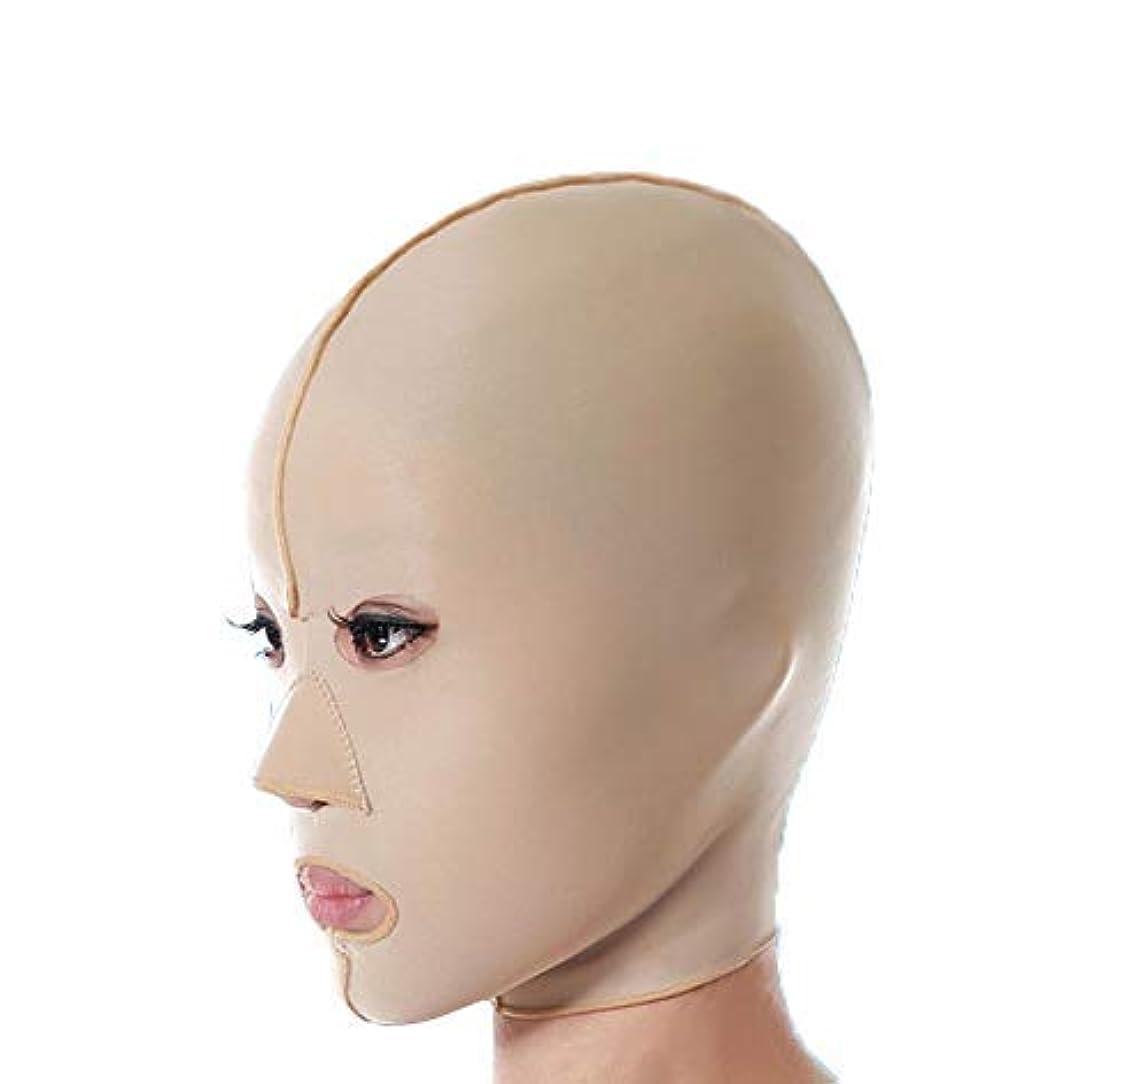 を必要としています用心するボーカルファーミングフェイスマスク、フェイシャルマスク医学強力なフェイスマスクアーティファクト美容垂れ防止法パターンフェイシャルリフティングファーミングフルフェイスマスク(サイズ:M),M